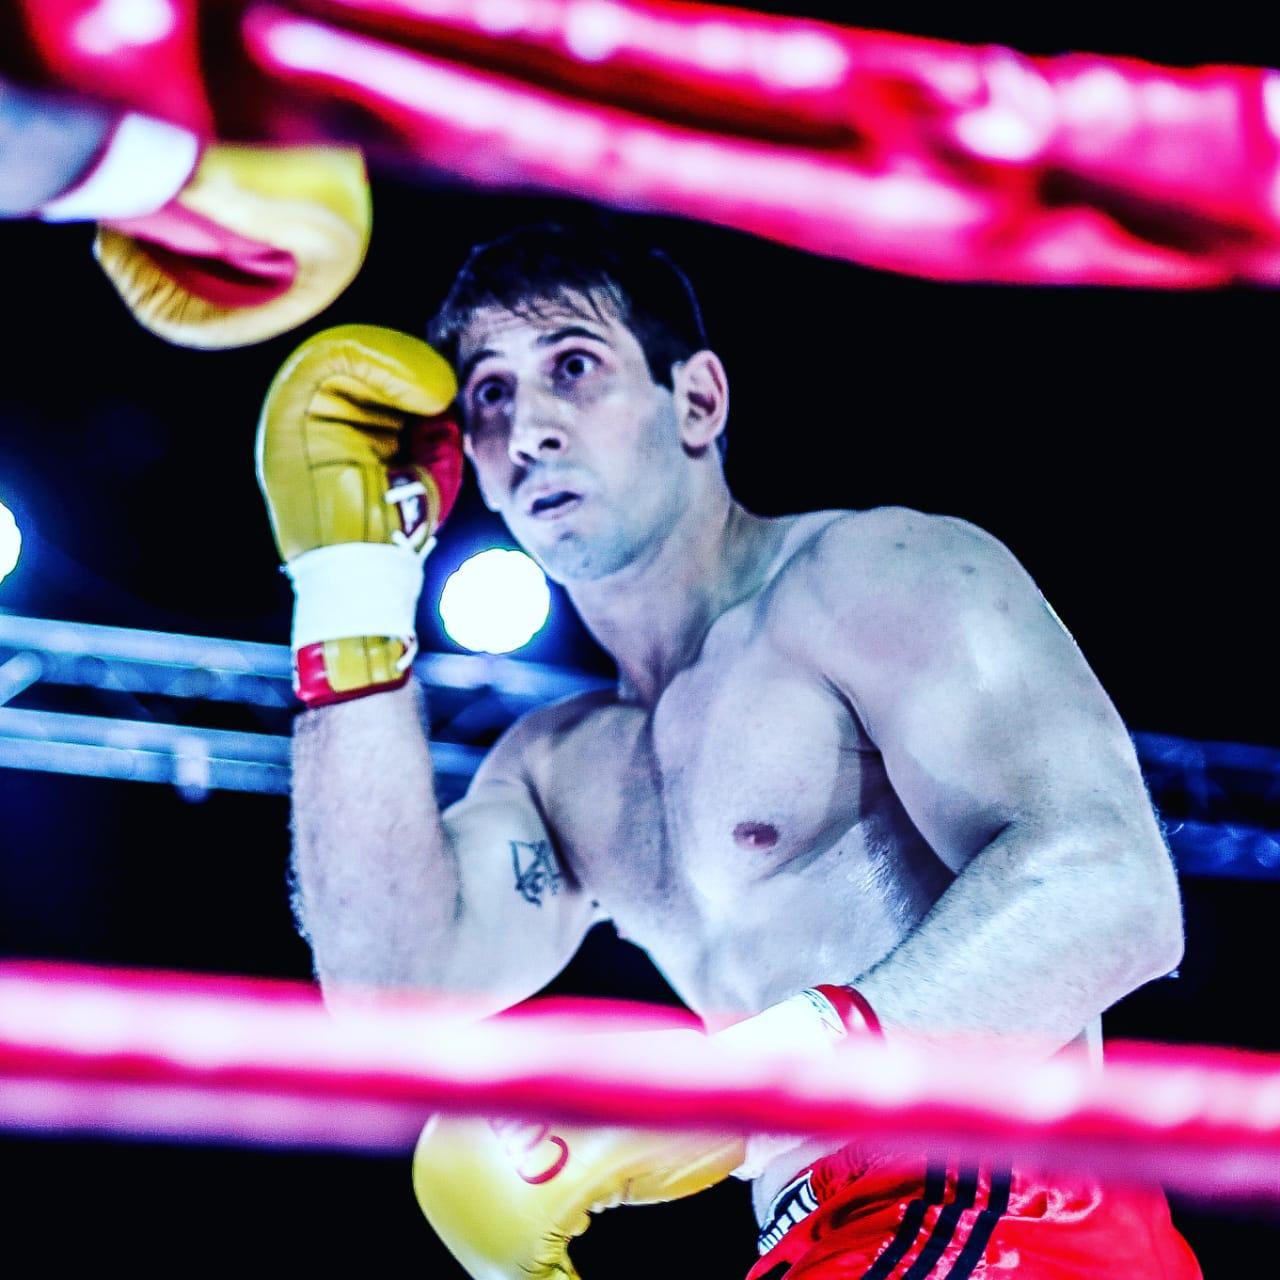 La pelea Muñoz – Peralta fue postergada. El sampedrino dio positivo de Covid-19